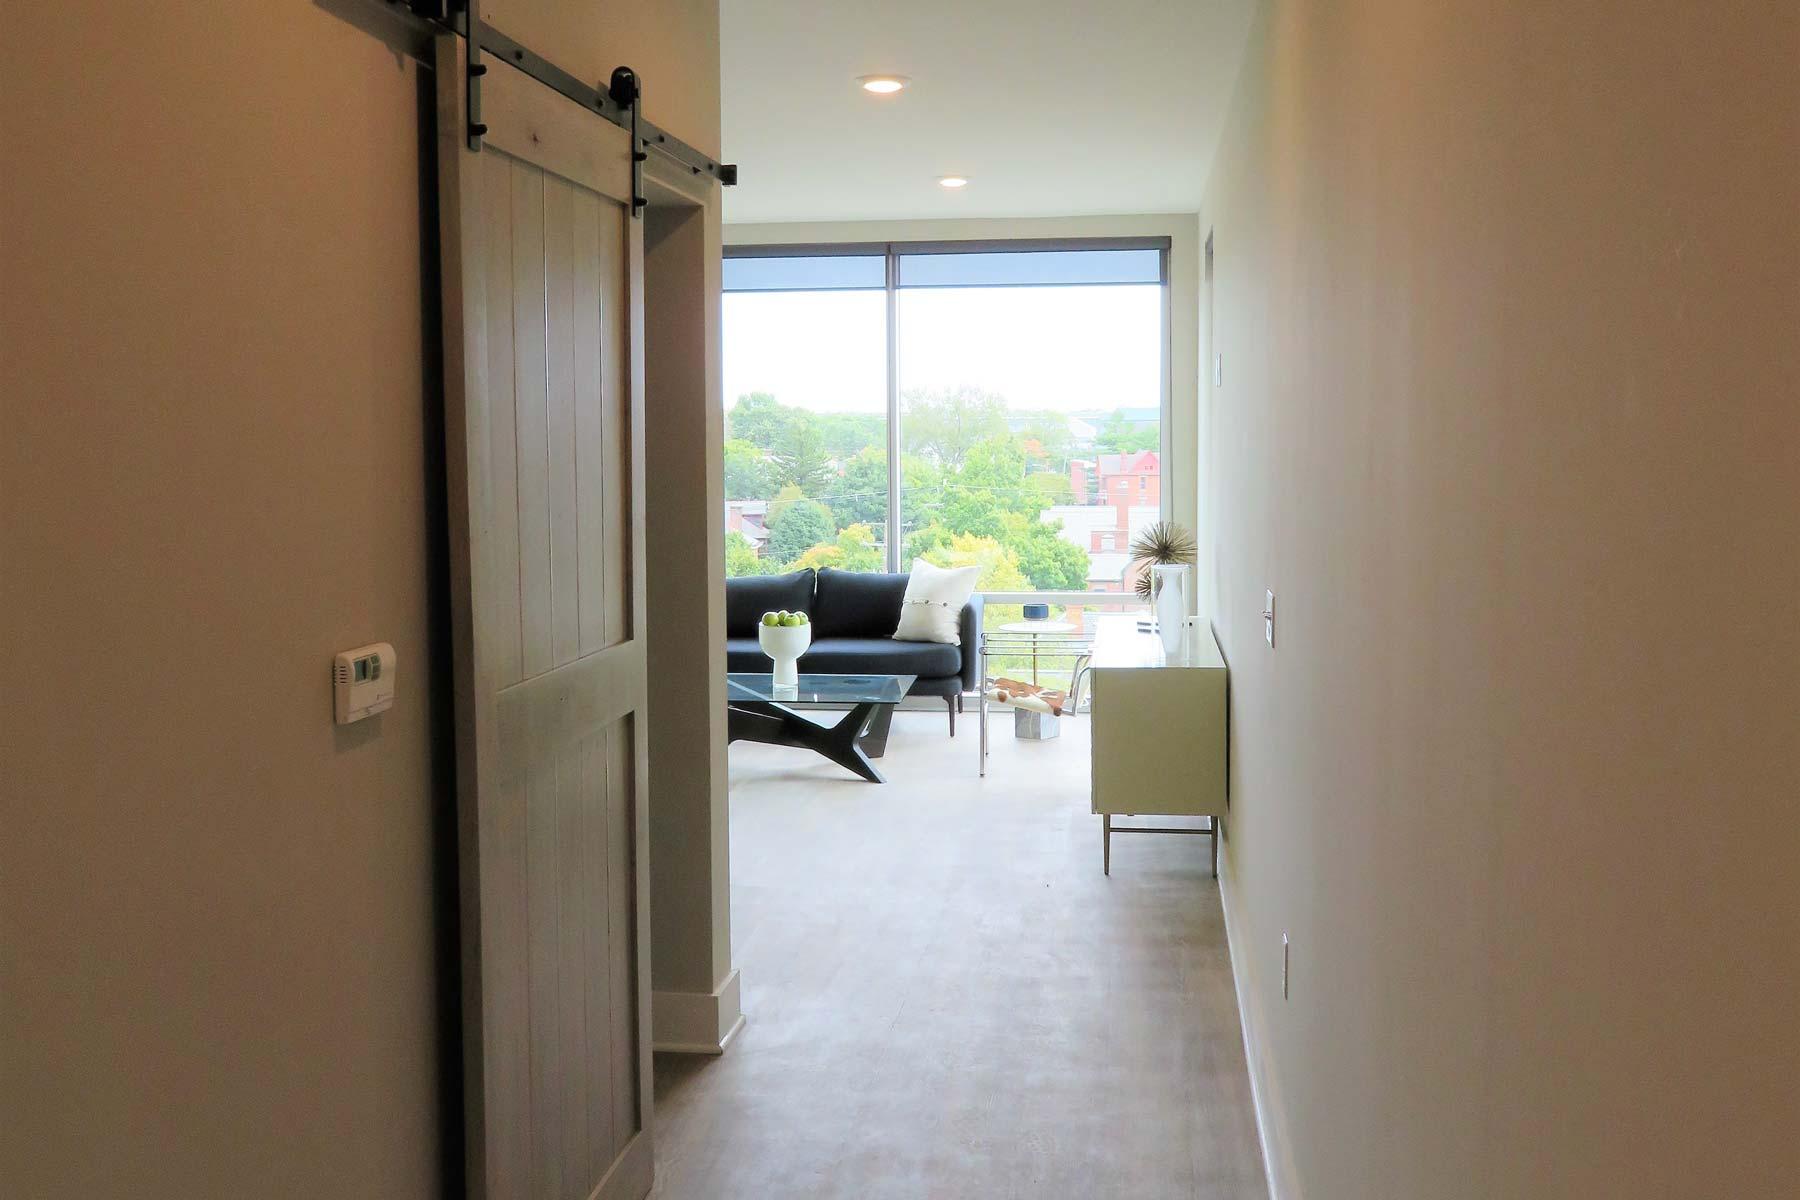 Apartment hallway and bedroom barn door